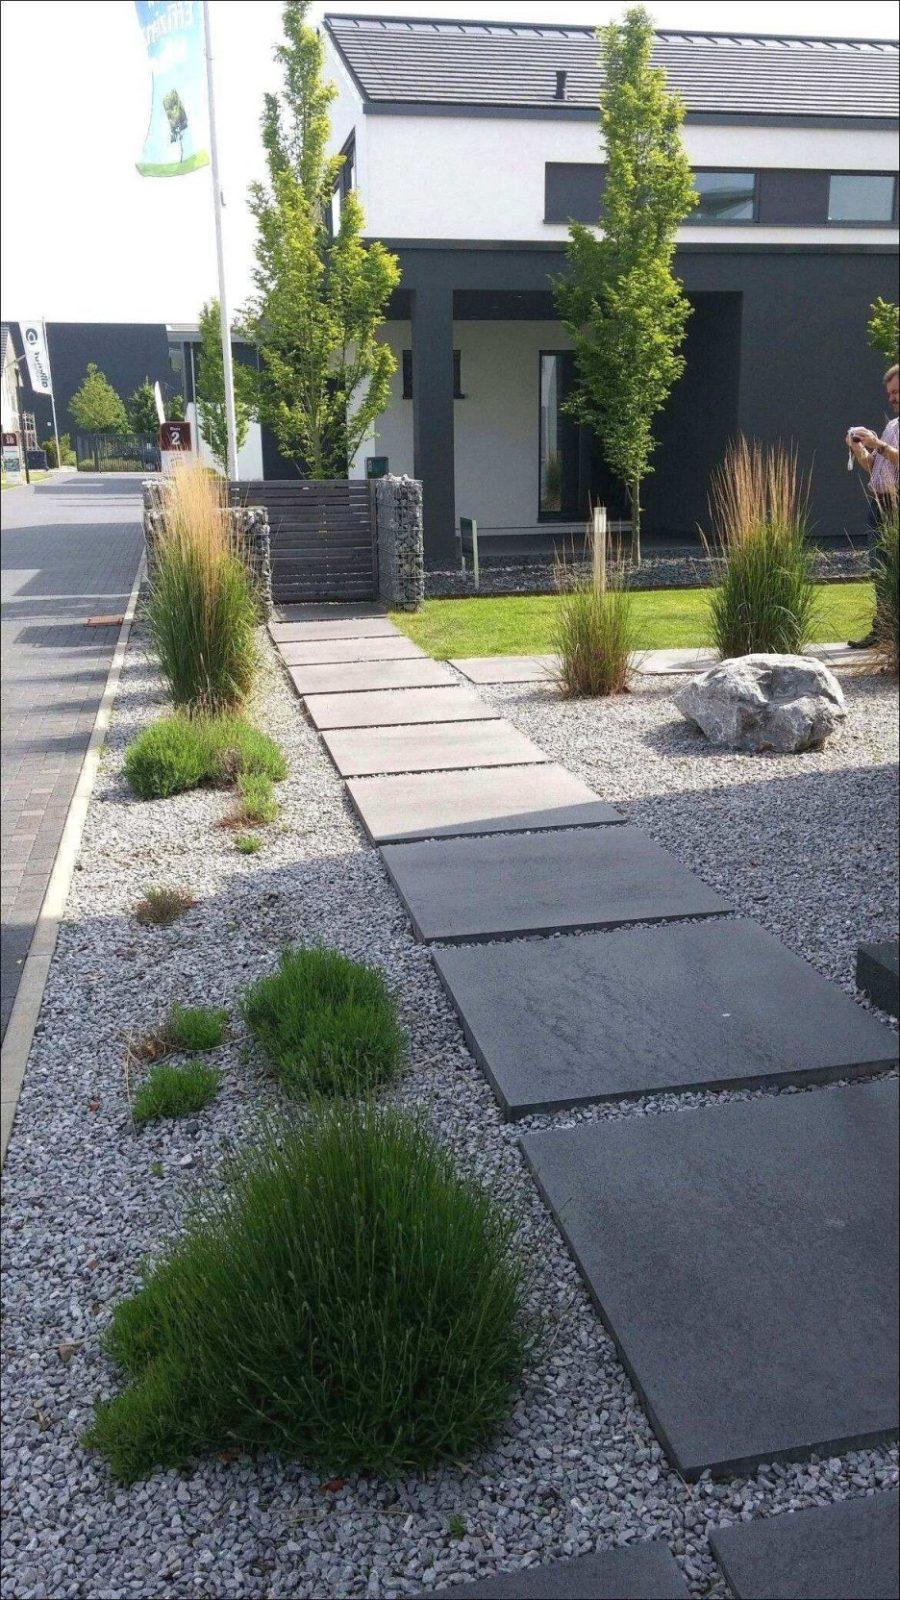 Gartengestaltung Mit Kies Und Gräsern Von Beetgestaltung Mit Steinen von Gartengestaltung Mit Kies Und Gräsern Photo